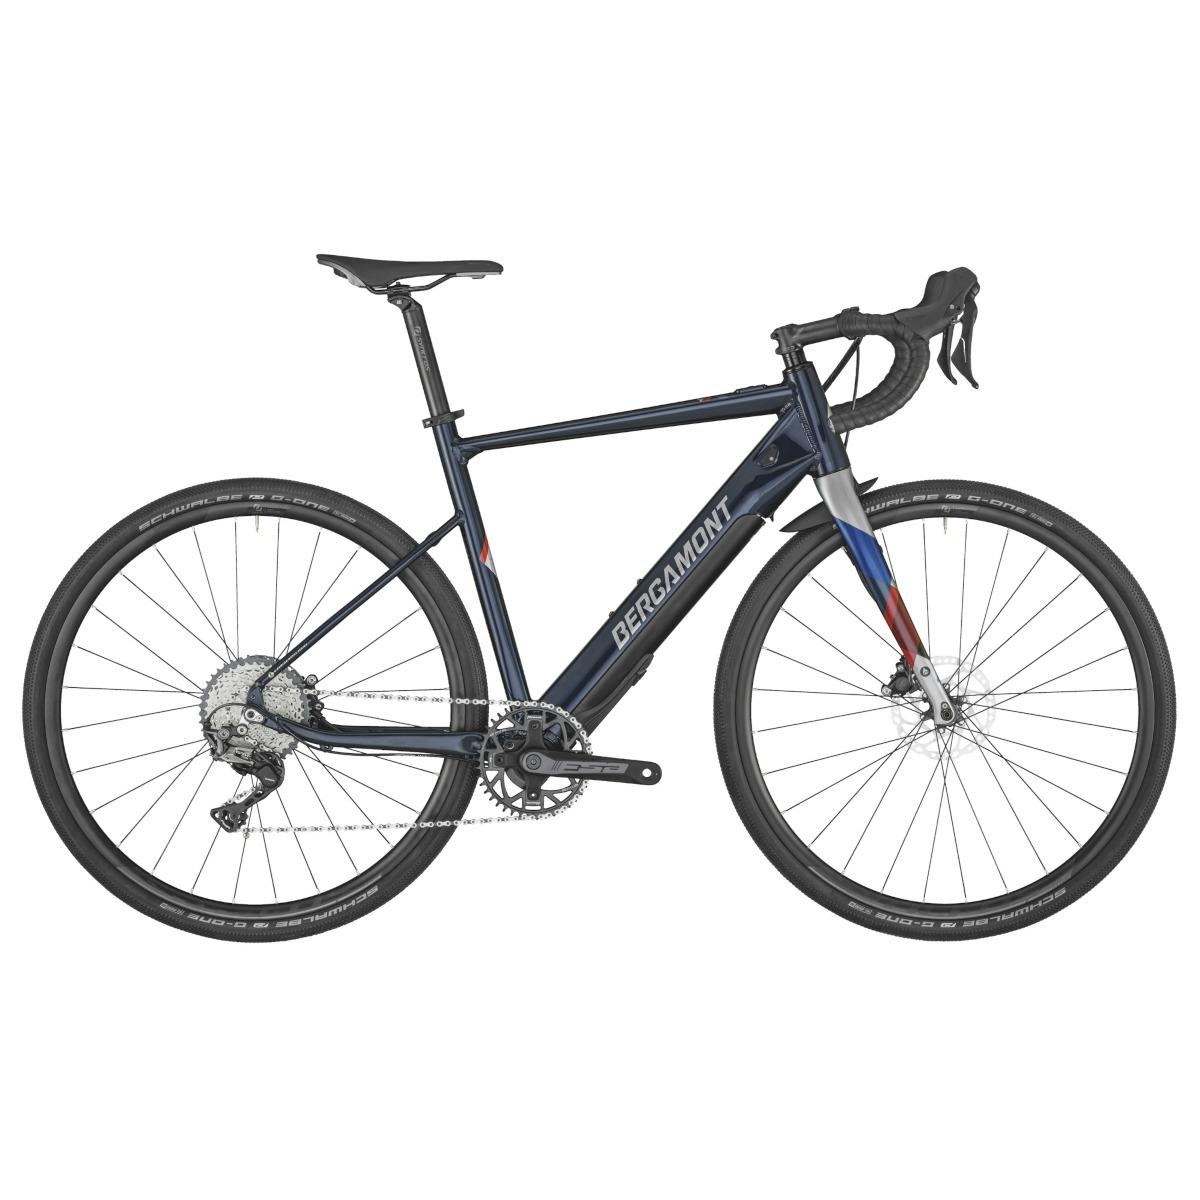 Produktbild von Bergamont E-Grandurance Elite - Gravel E-Bike - 2022 - midnight blue